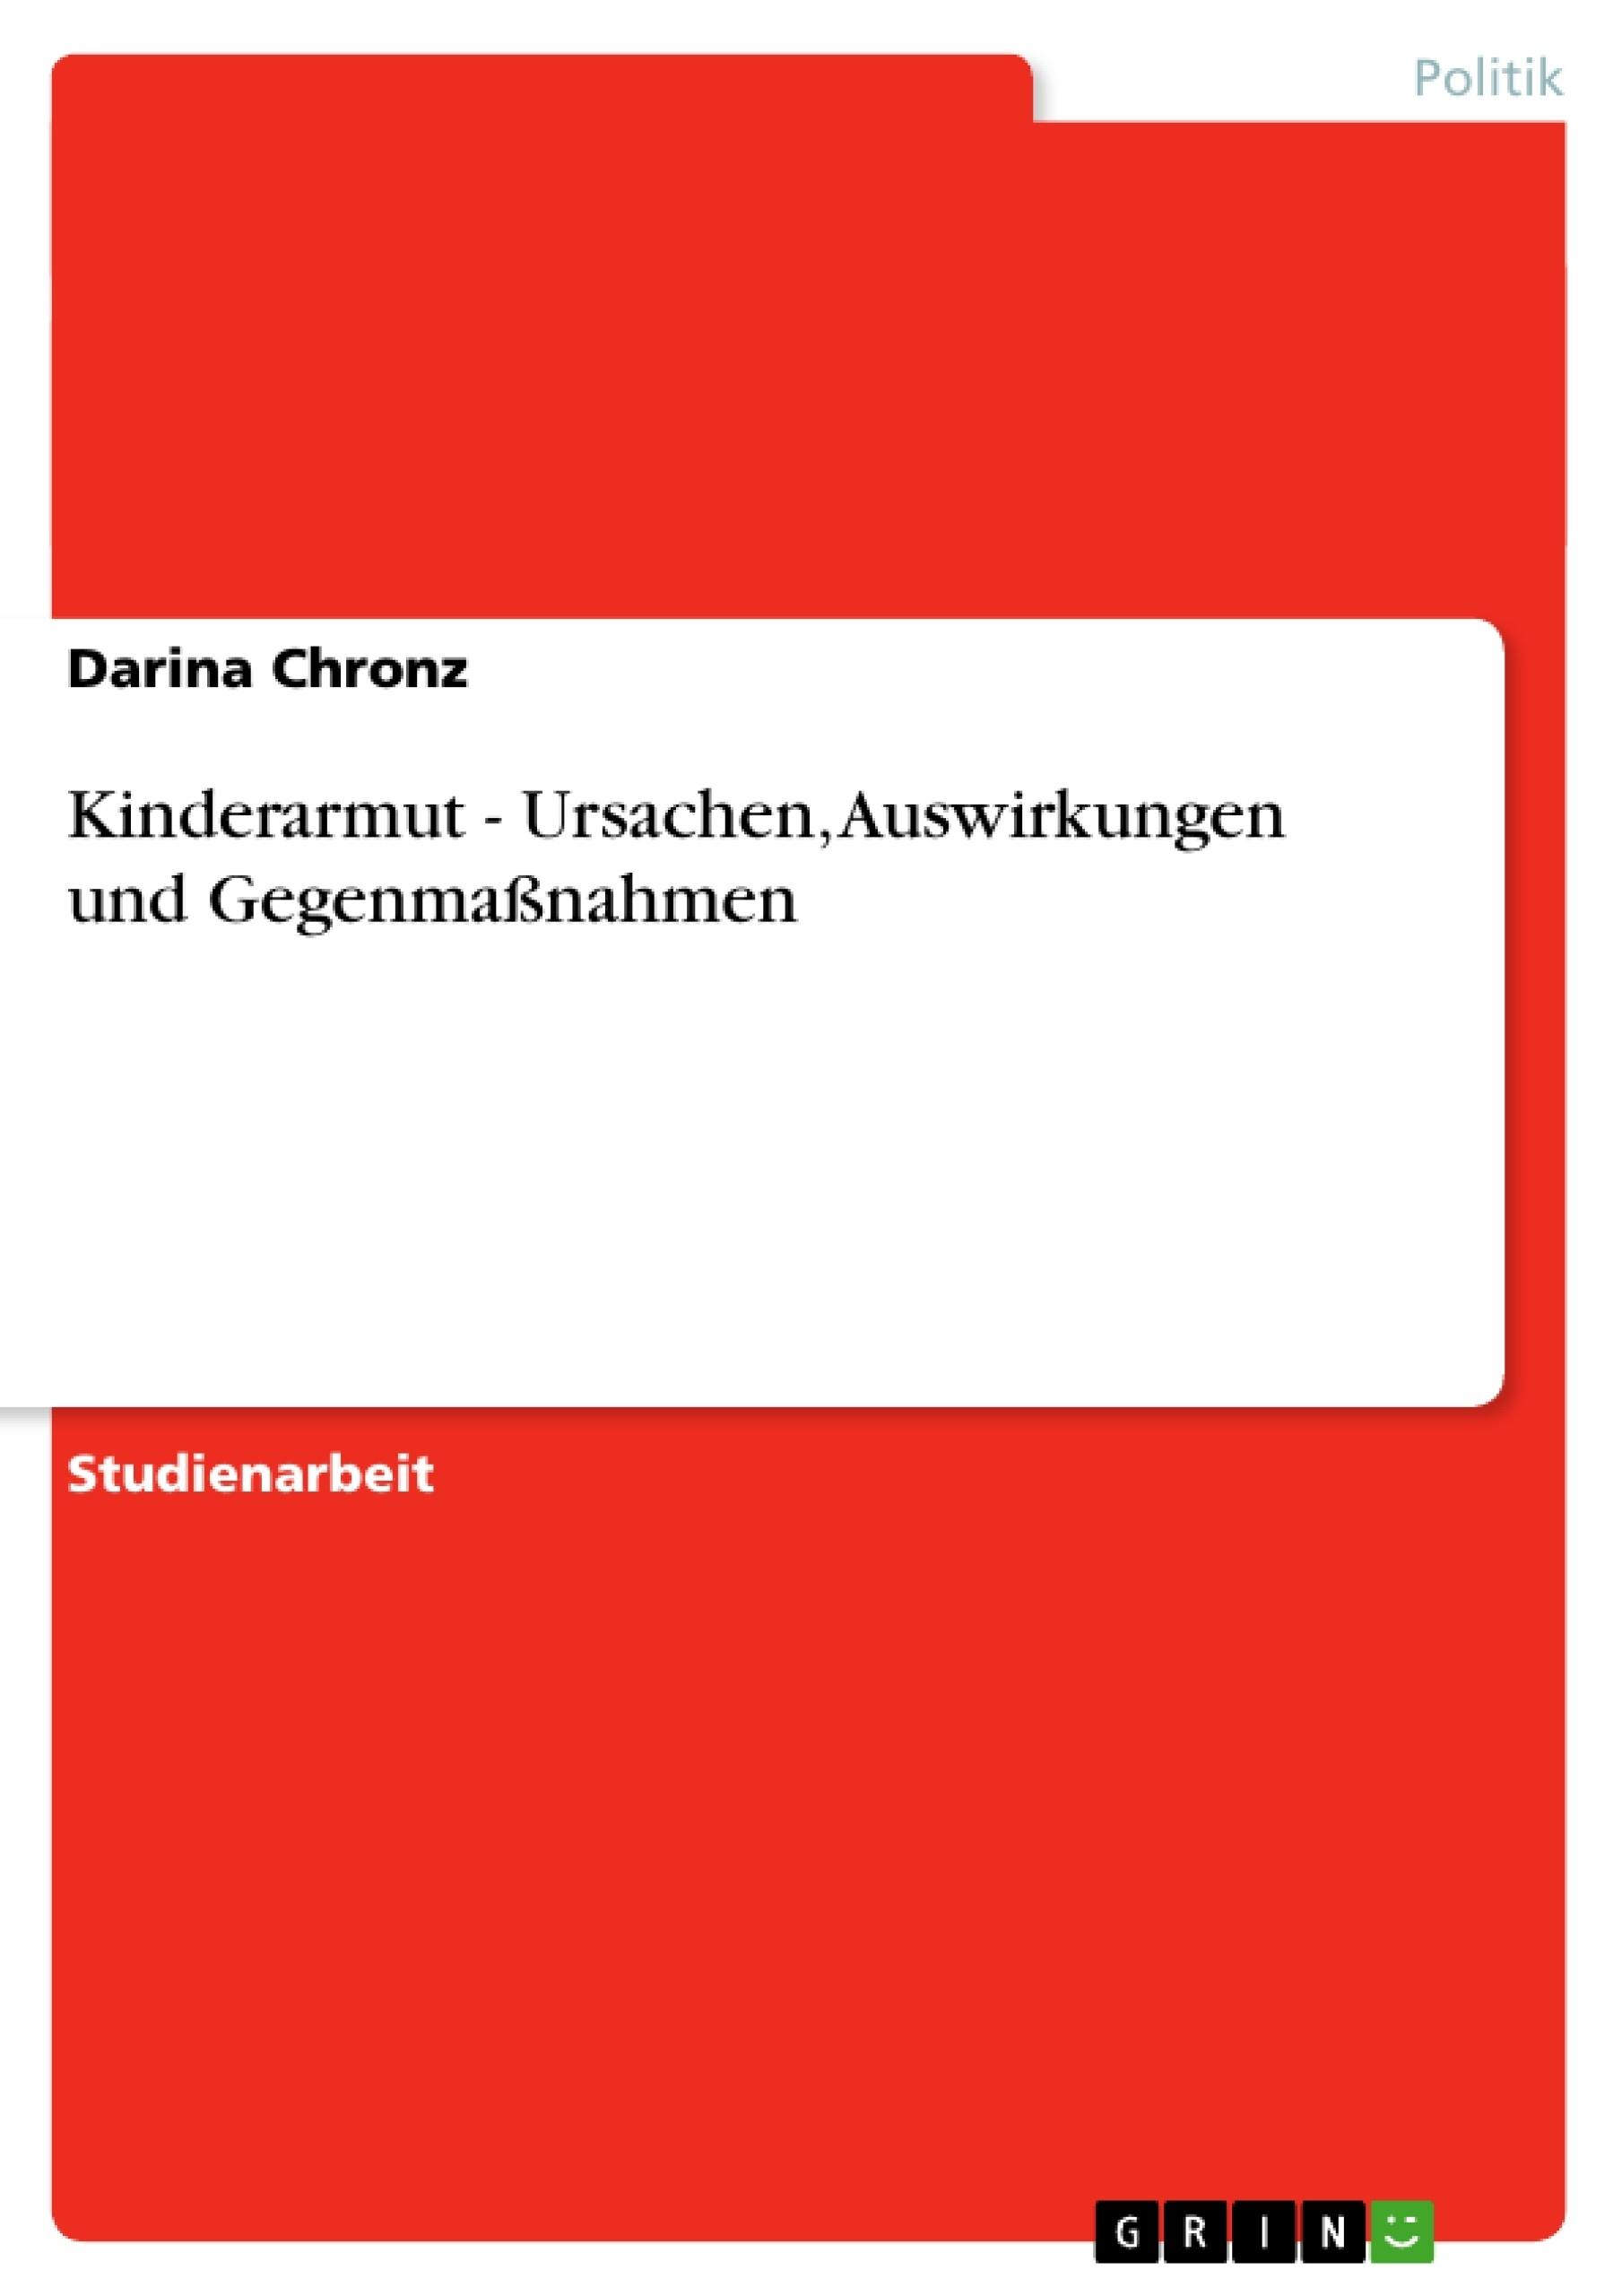 Titel: Kinderarmut - Ursachen, Auswirkungen und Gegenmaßnahmen